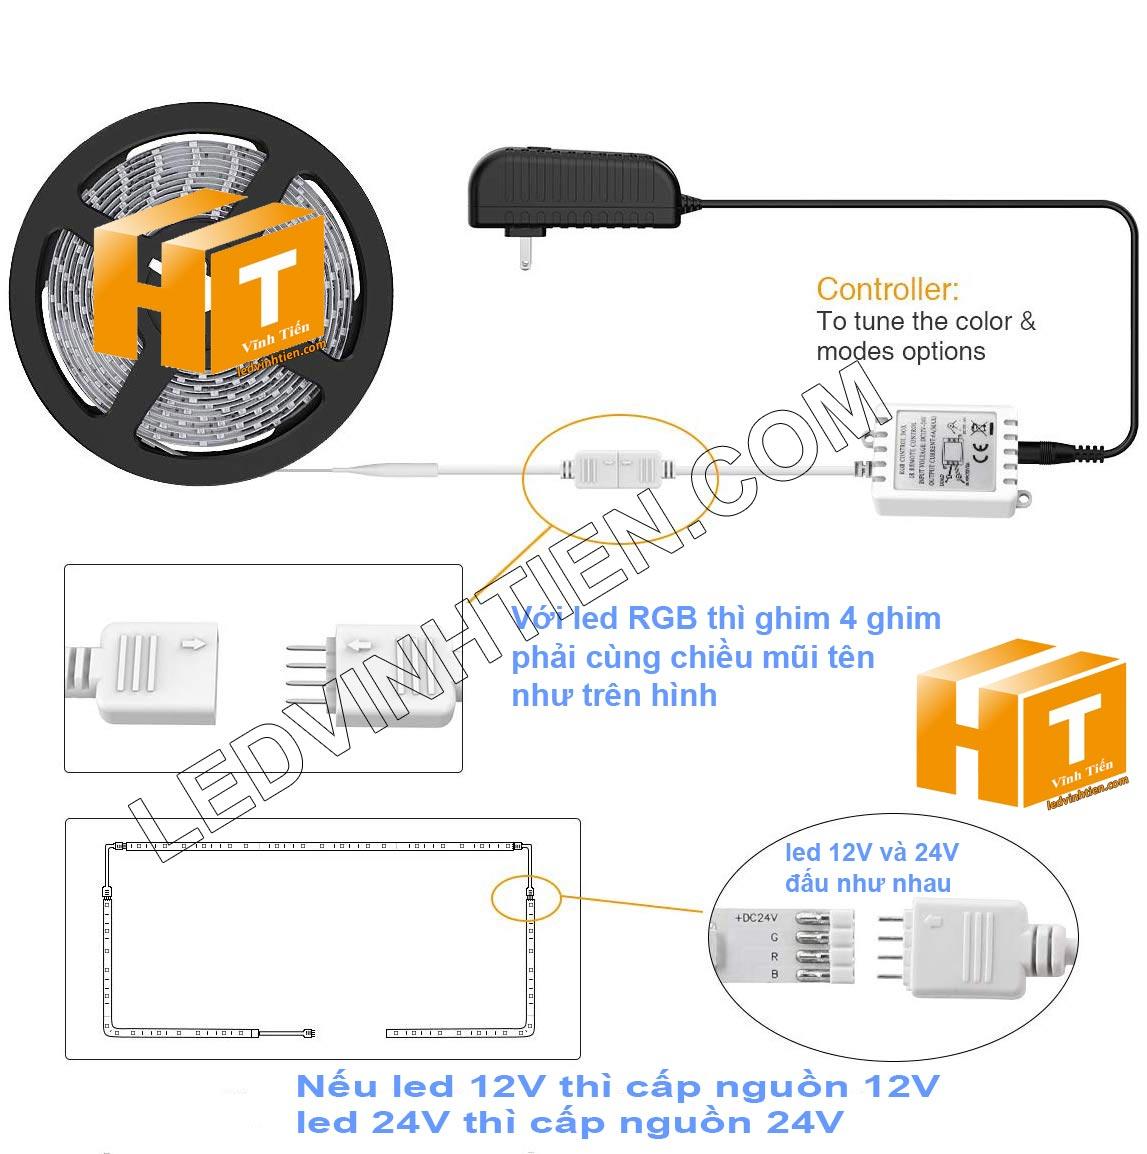 Cách đấu nối đèn led dây rgb với bộ điều khiển, và nối ghim đúng cách Hướng dẫn cách cài đặt, lắp ráp, đấu nối, cắt dây led cuộn 5m sao cho an toàn, thẩm mỹ nhưng không bị hư những dãi led còn lại